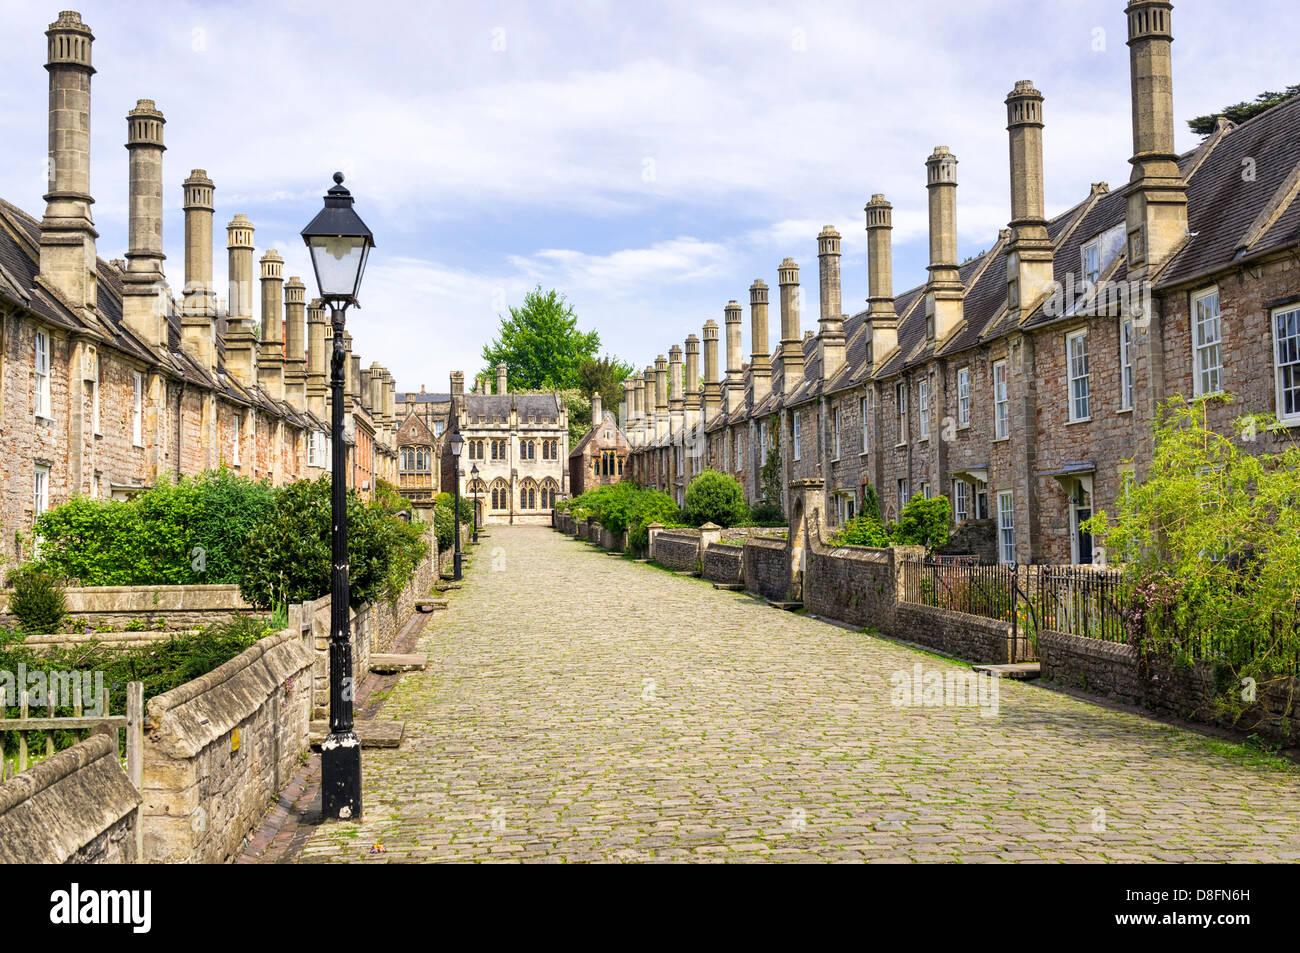 La rue médiévale - Vicaires Fermer, Wells, Somerset, England, UK - rue pavée avec maisons et anciennes Banque D'Images